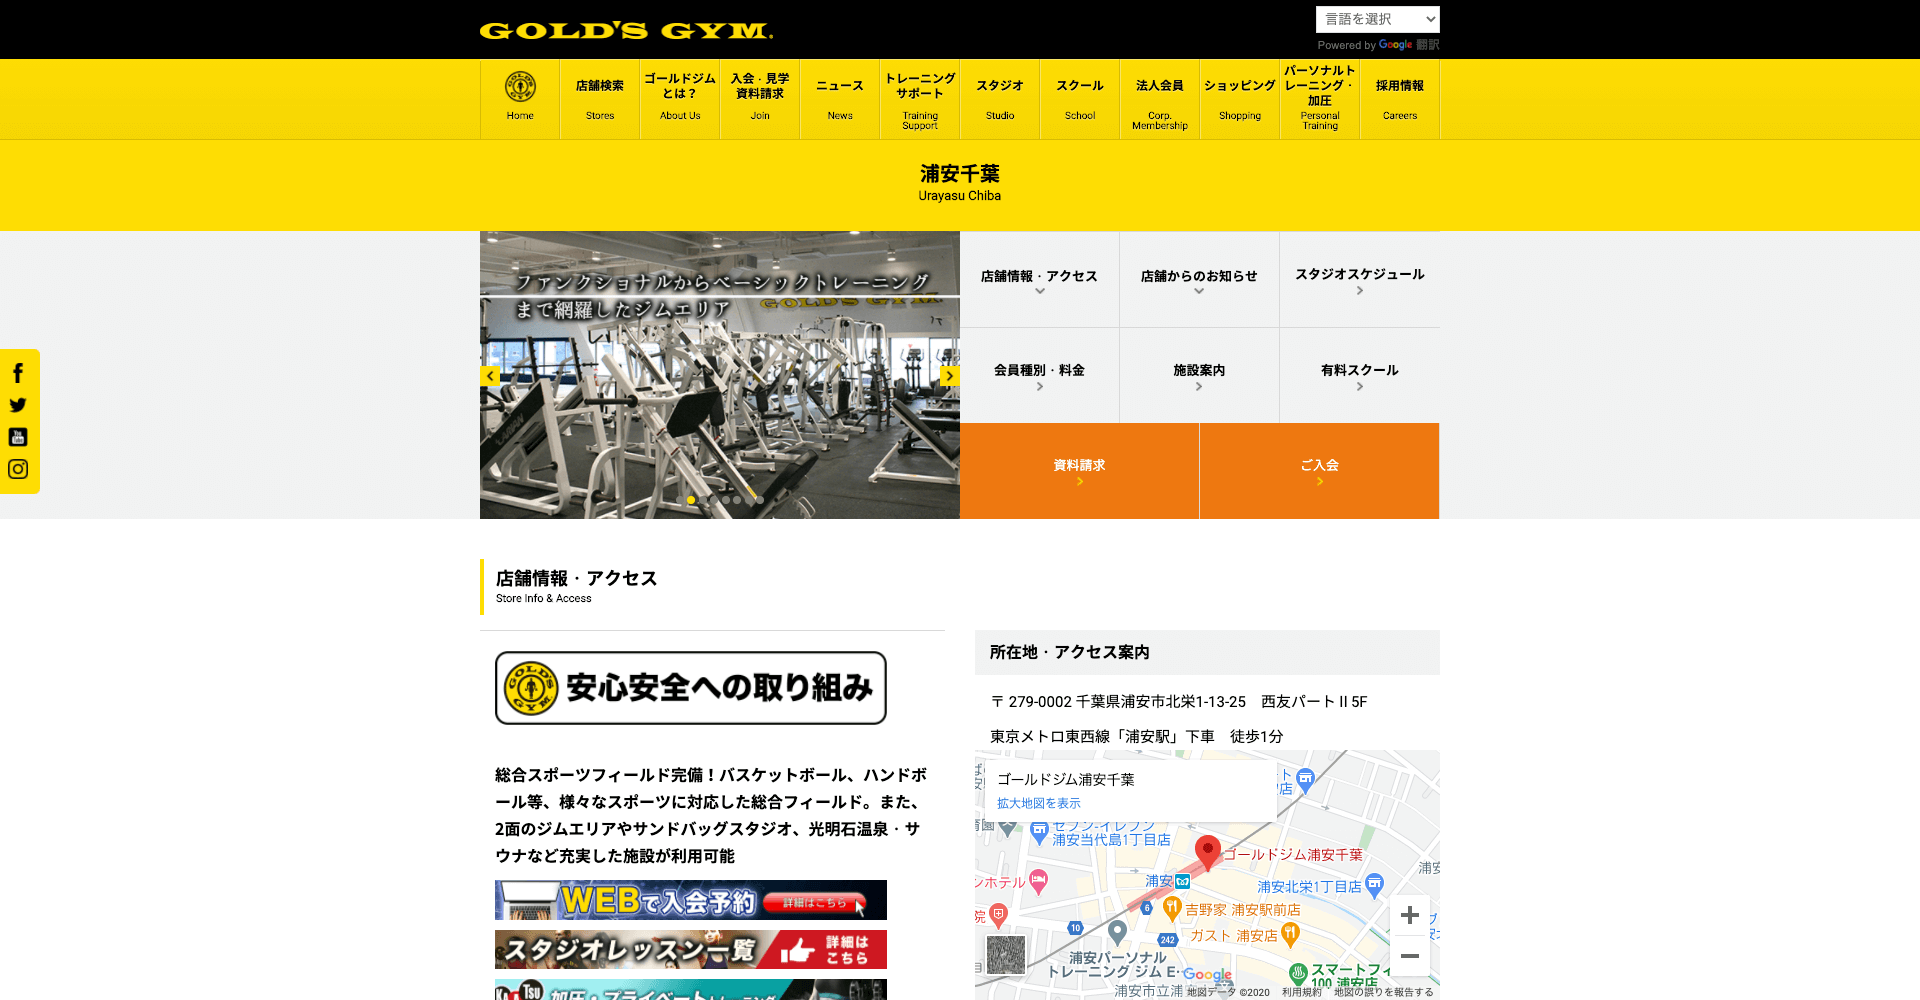 ゴールドジム浦安千葉